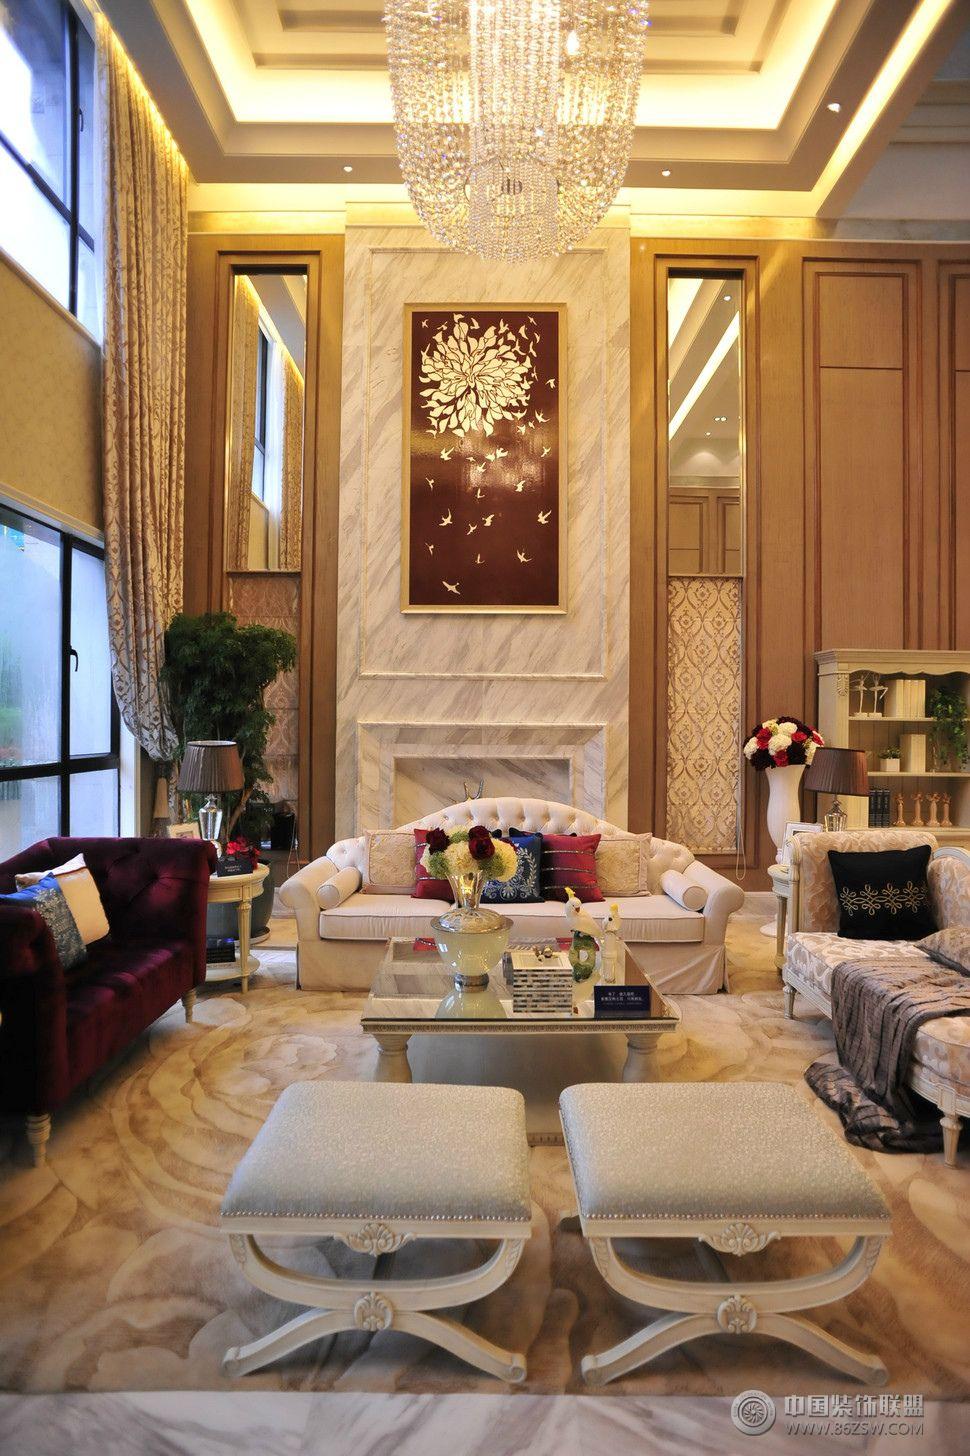 和谐家园整套大图展示_欧式复式装修效果图_八六(中国